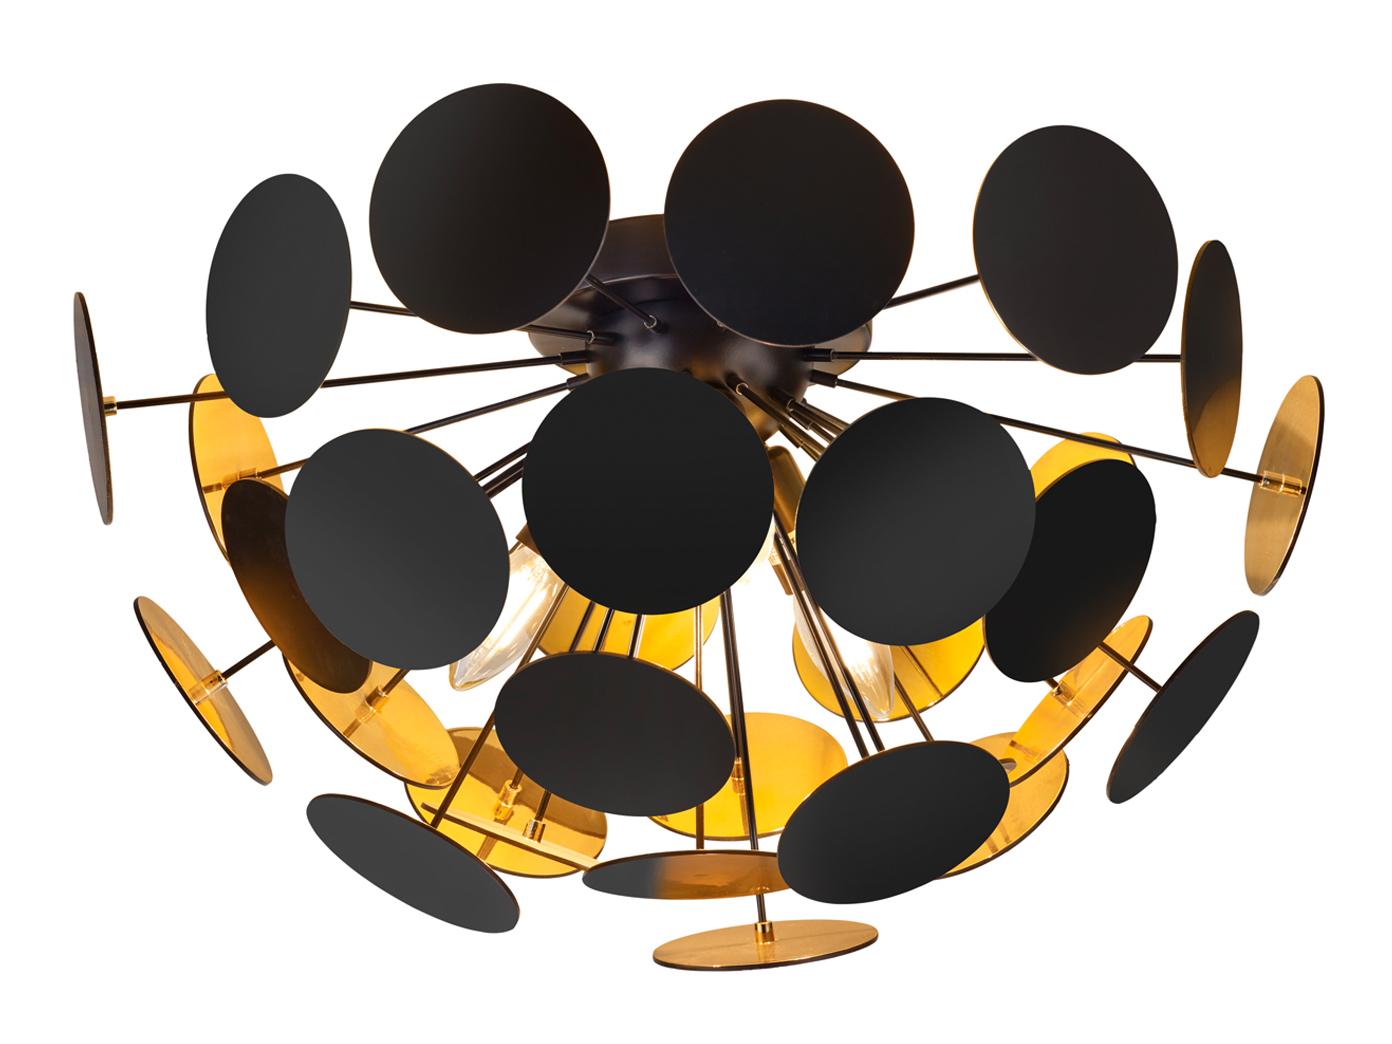 Edle LED Deckenleuchte Lampenschirm Schwarz matt / Gold Ø 8cm -  Wohnzimmerlampe - yatego.com